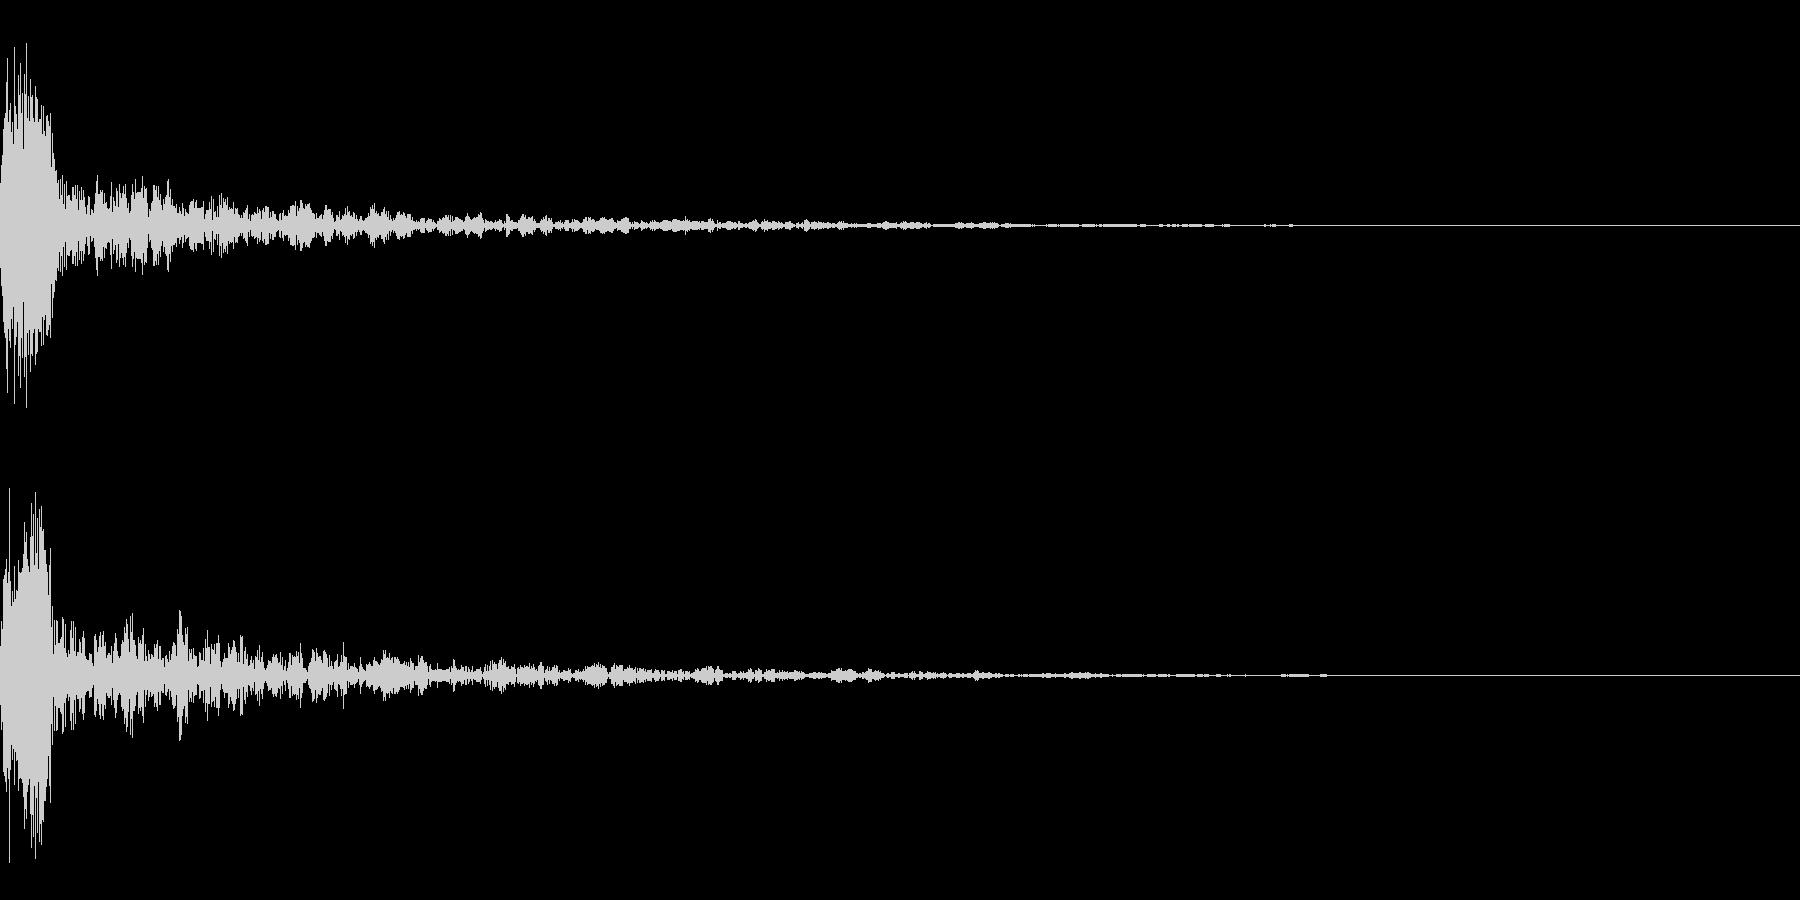 ドーン-17-1(インパクト音)の未再生の波形